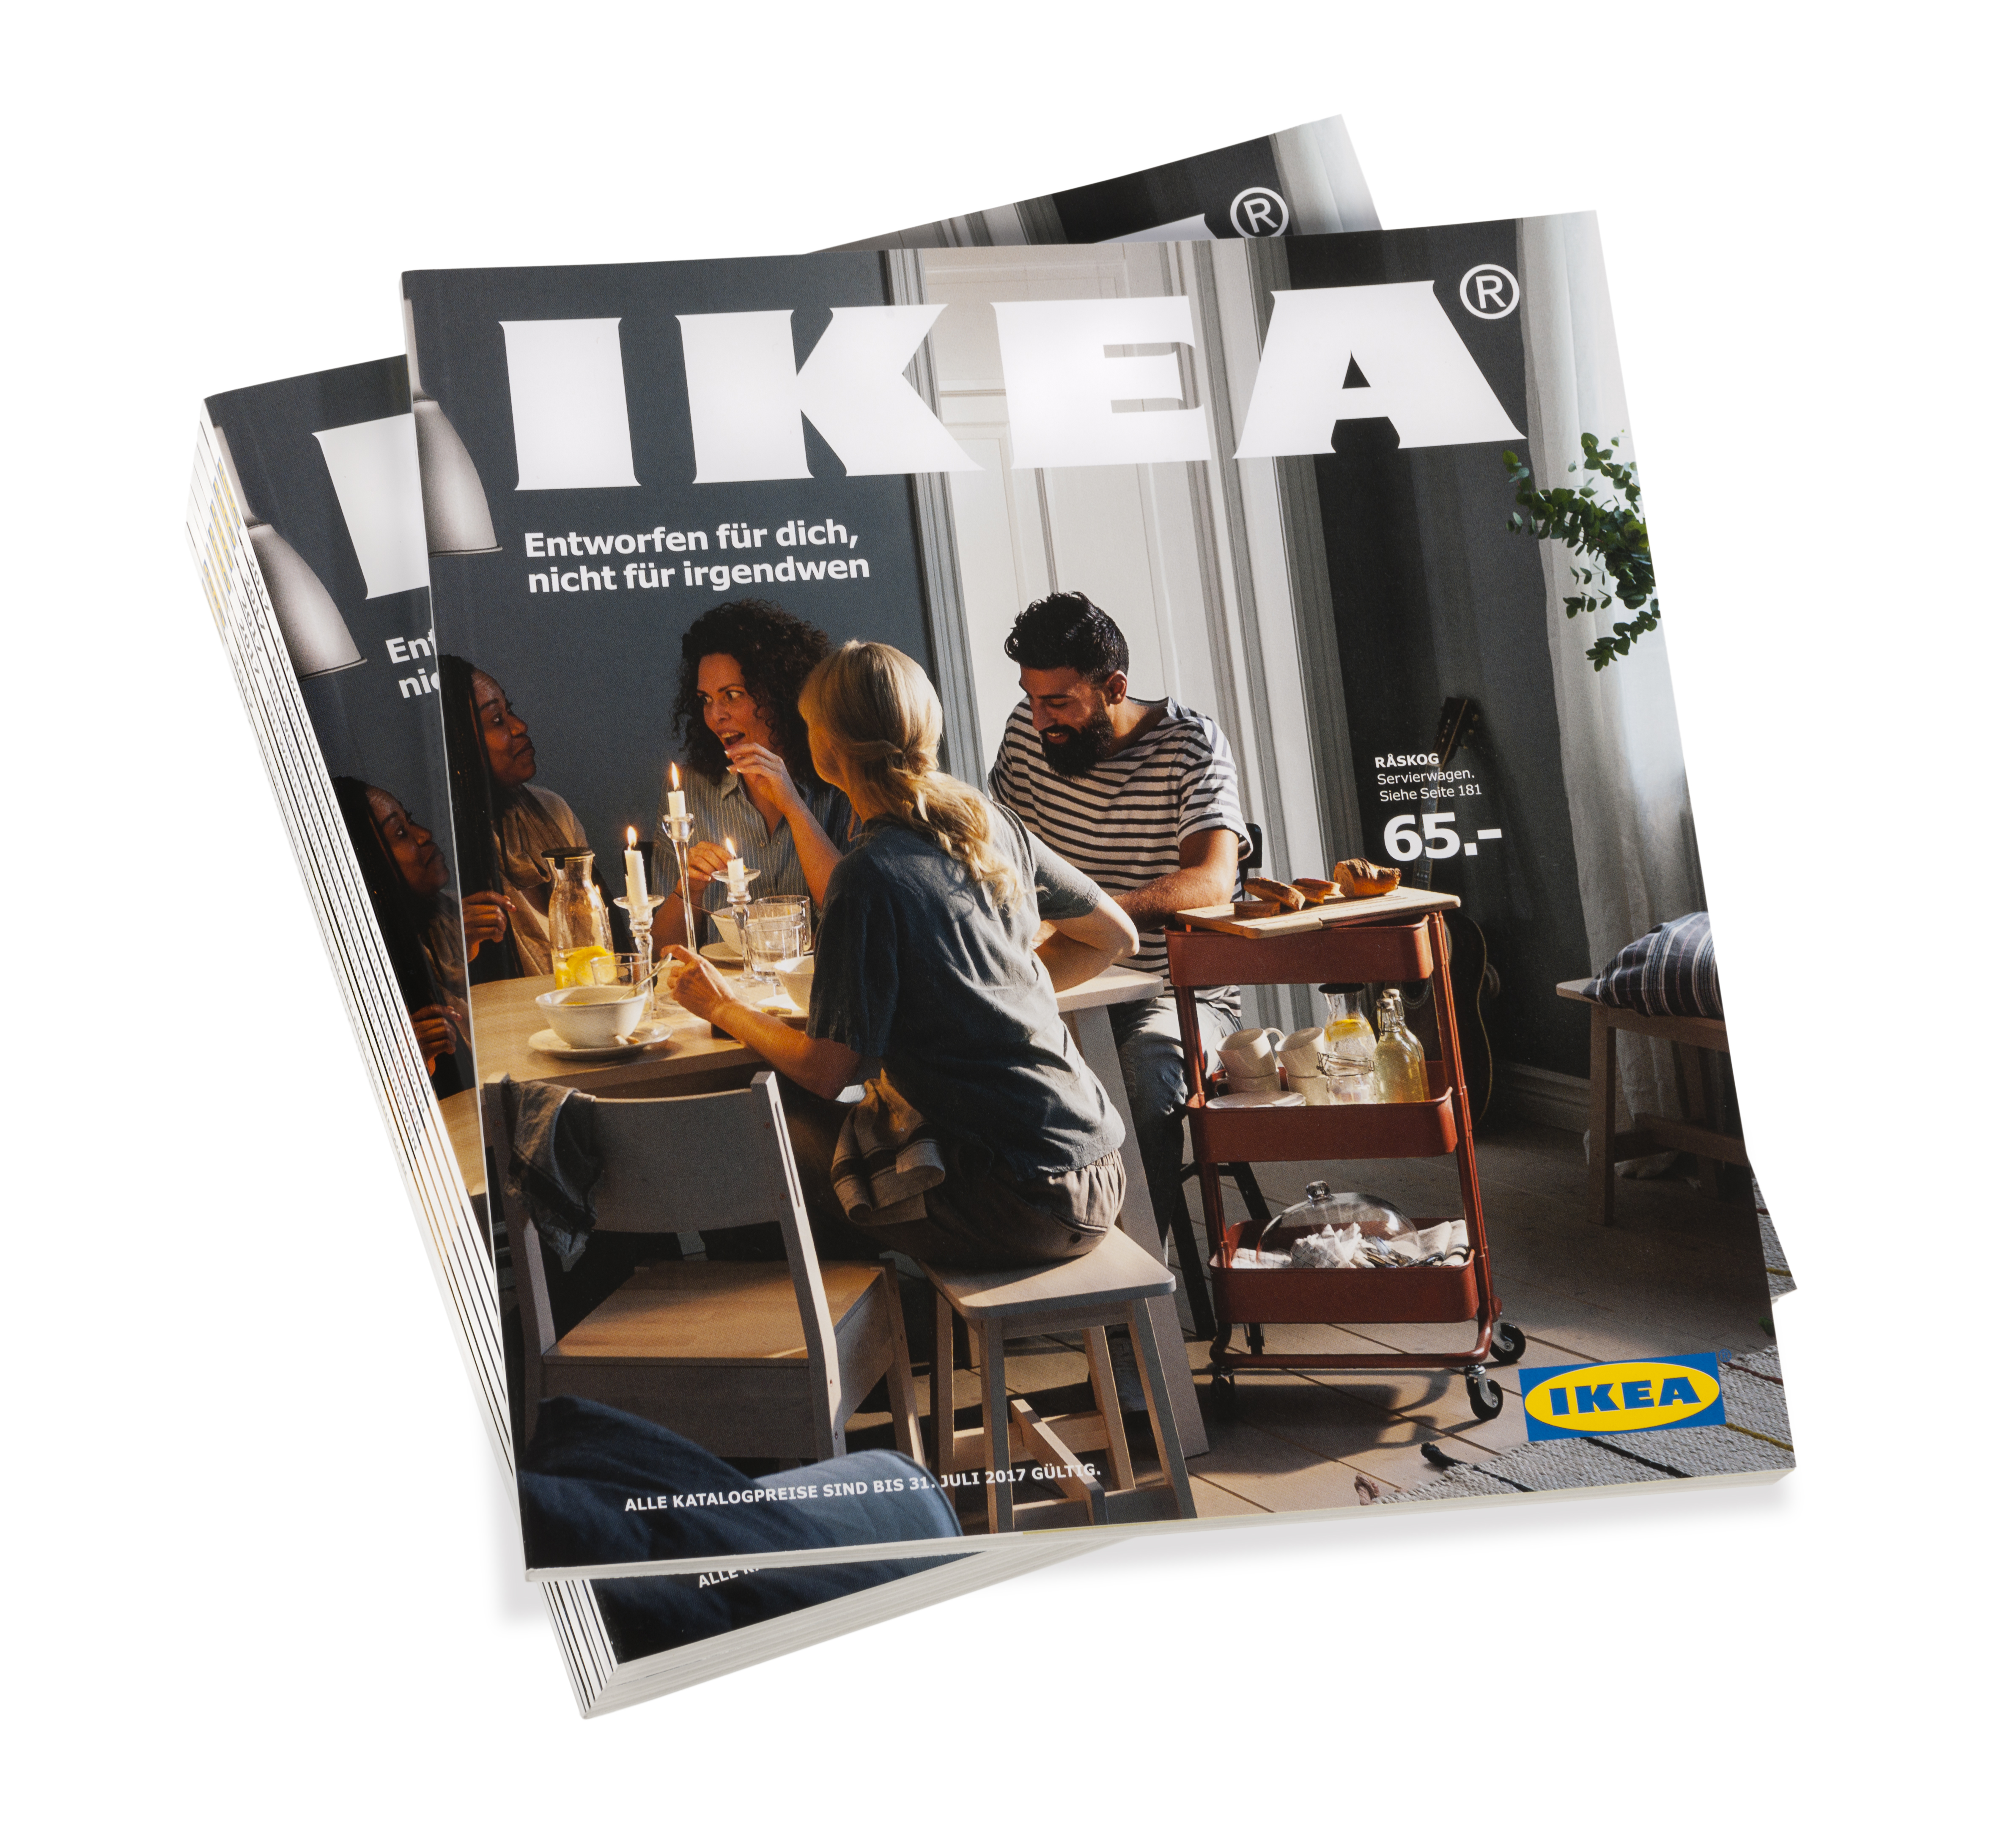 Entworfen Für Dich Nicht Für Irgendwen Der Ikea Katalog 2017